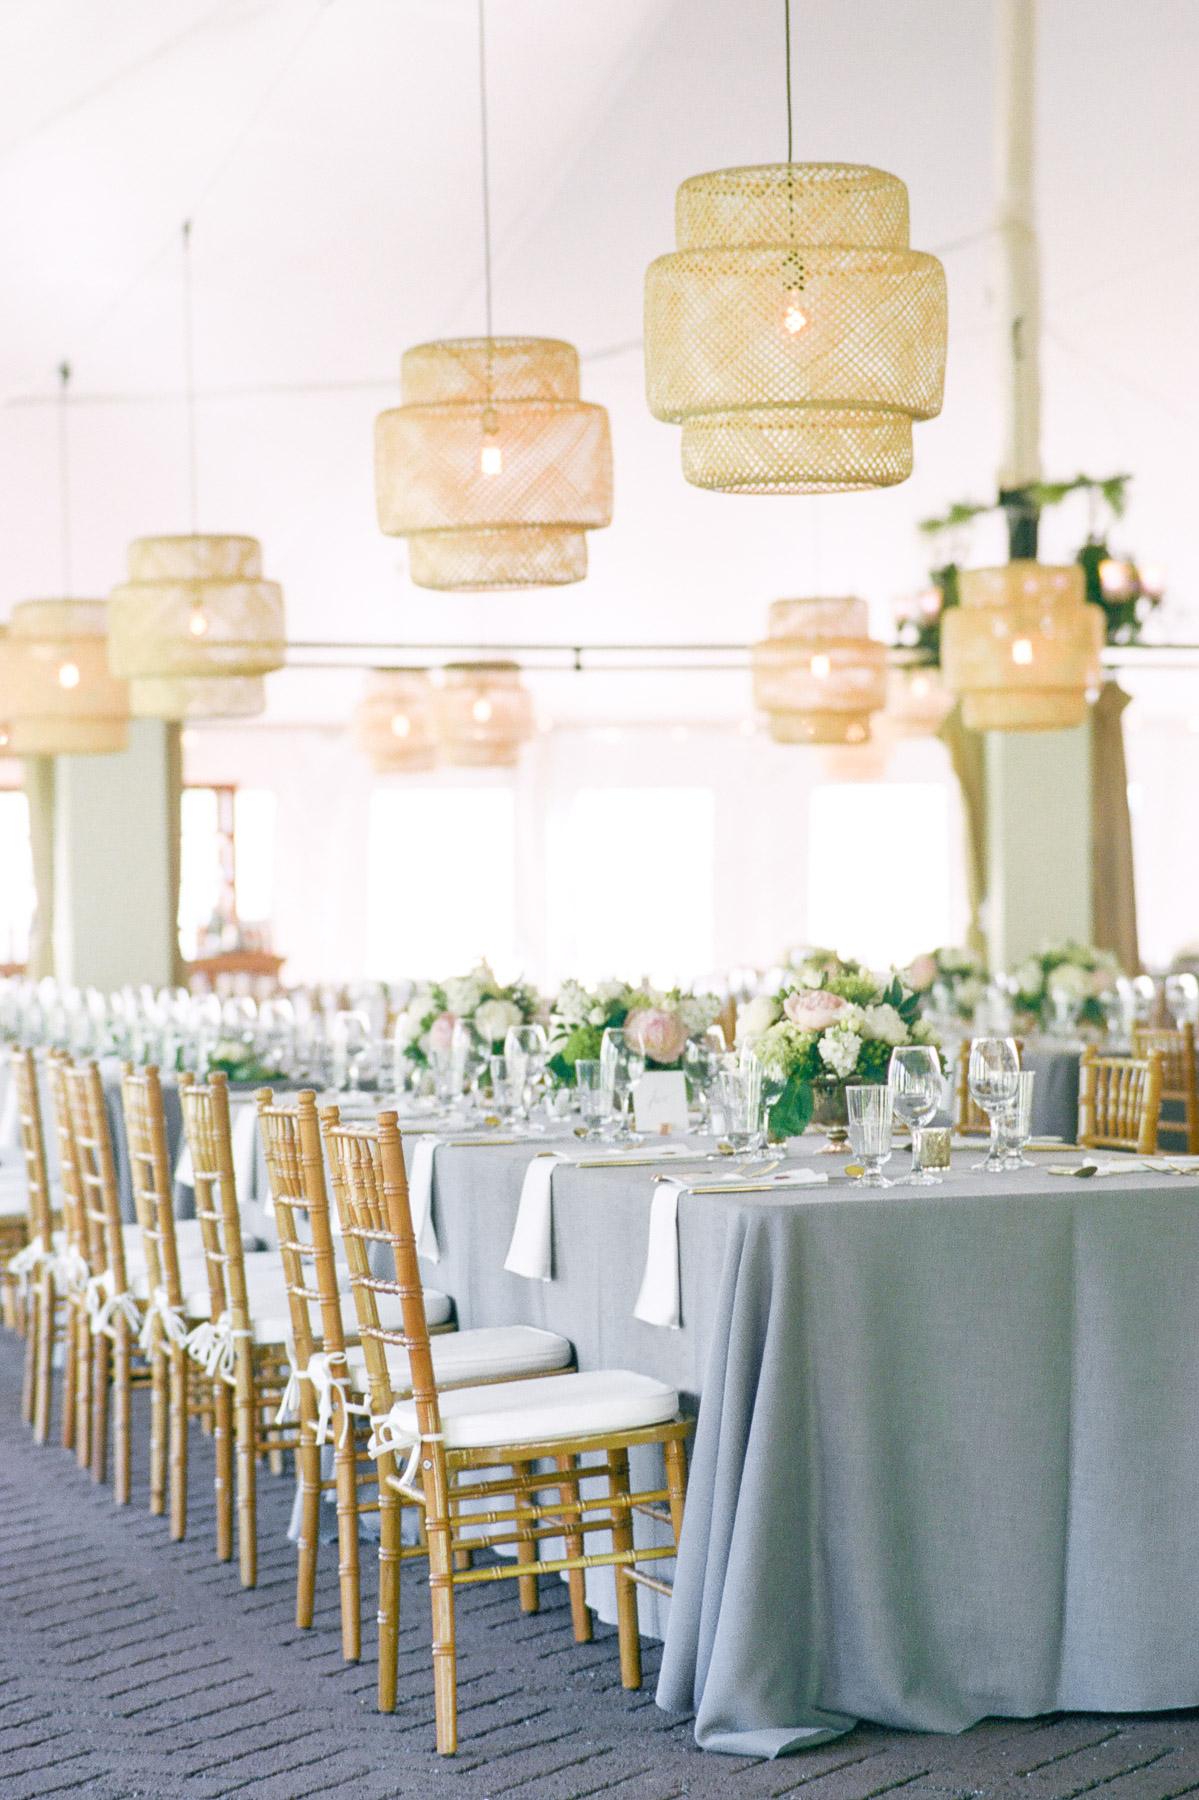 Manchester Vermont Wedding Hildene Estate Reception Tent Details with Ikea Lantern Lights